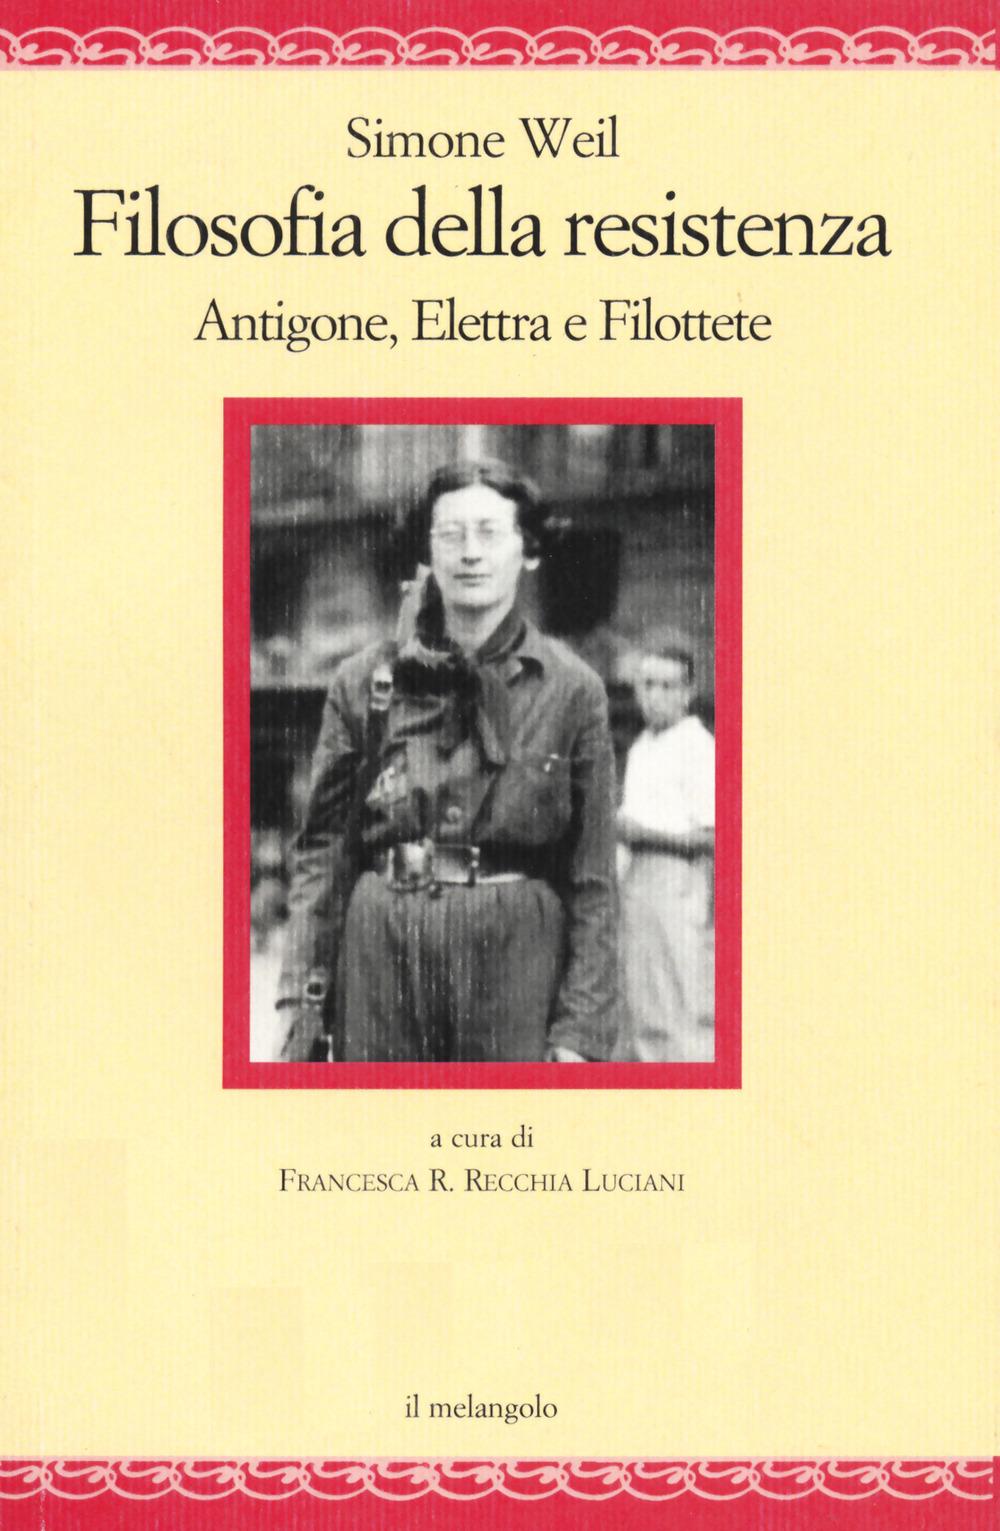 Filosofia della resistenza. Antigone, Elettra e Filottete